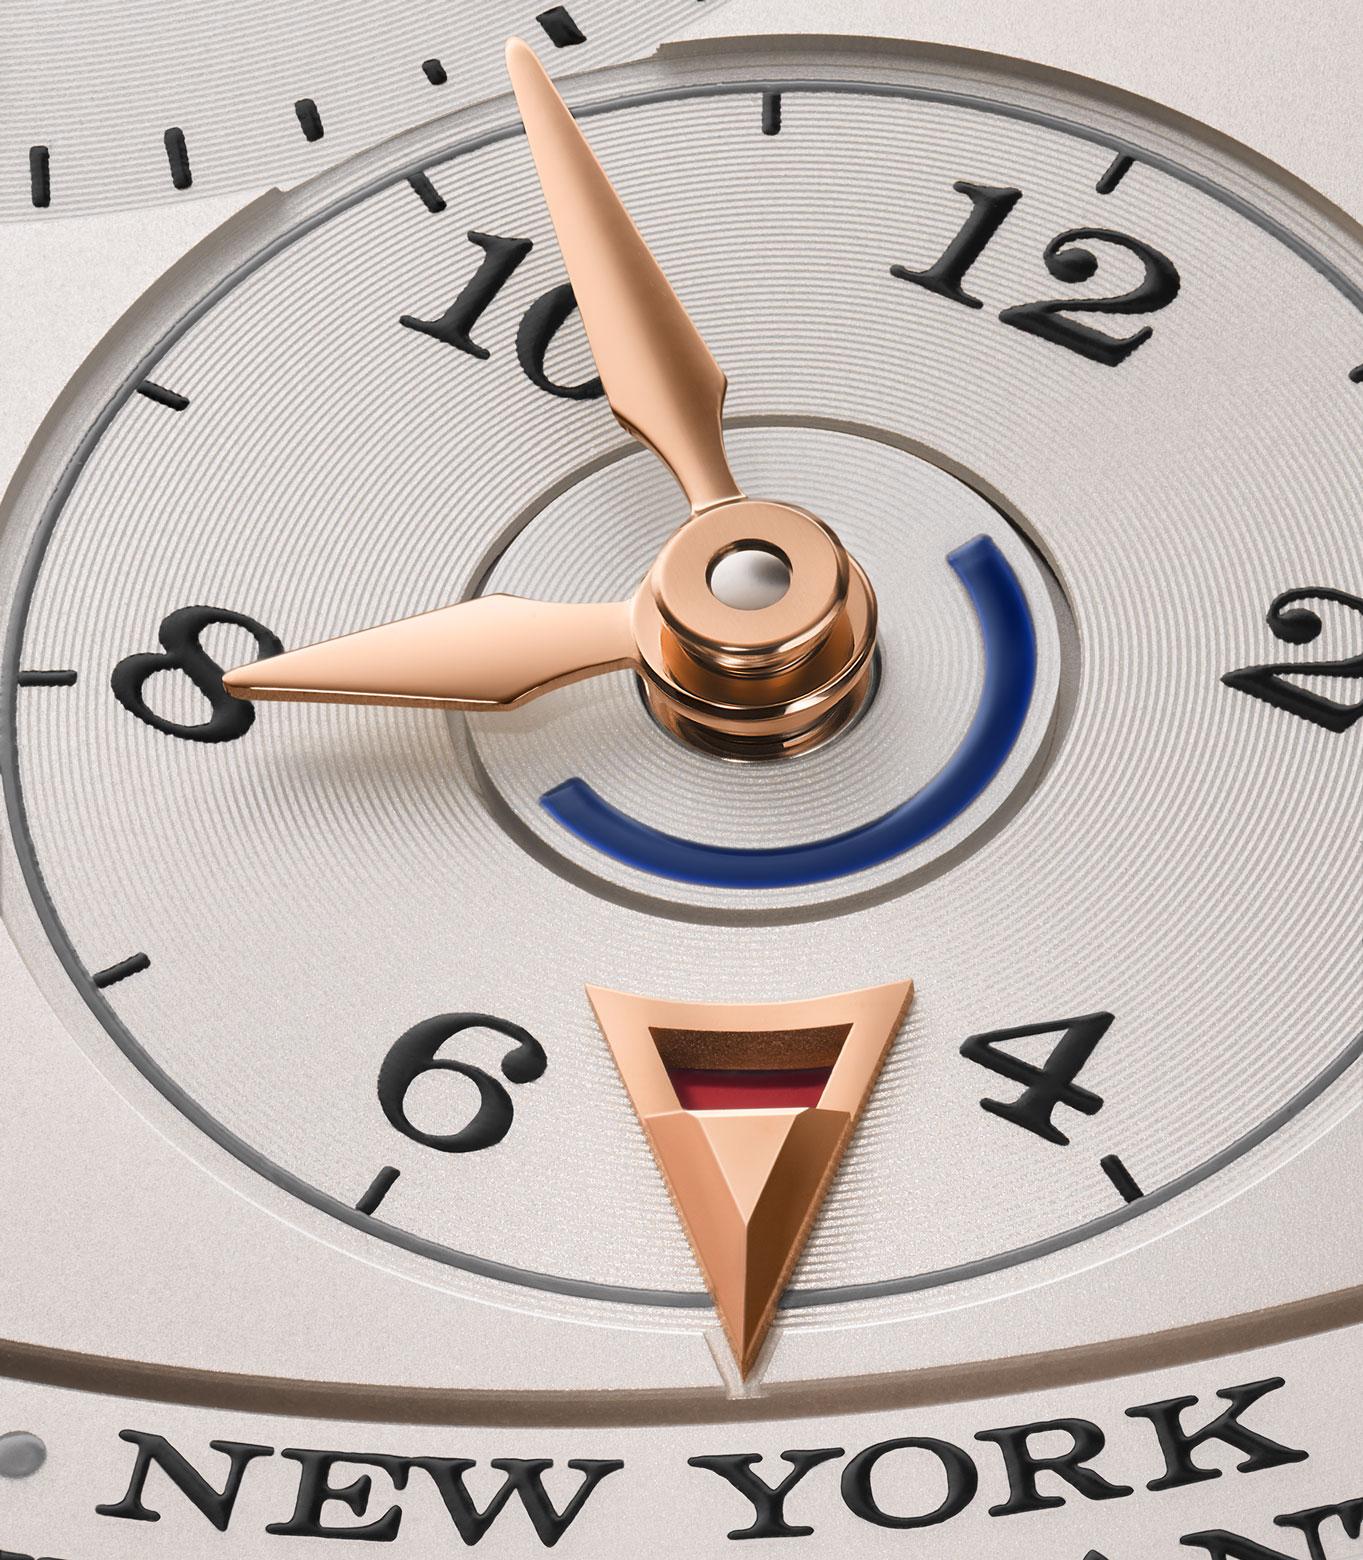 LANGE 1 TIME ZONE - wskaźnik czasu letniego